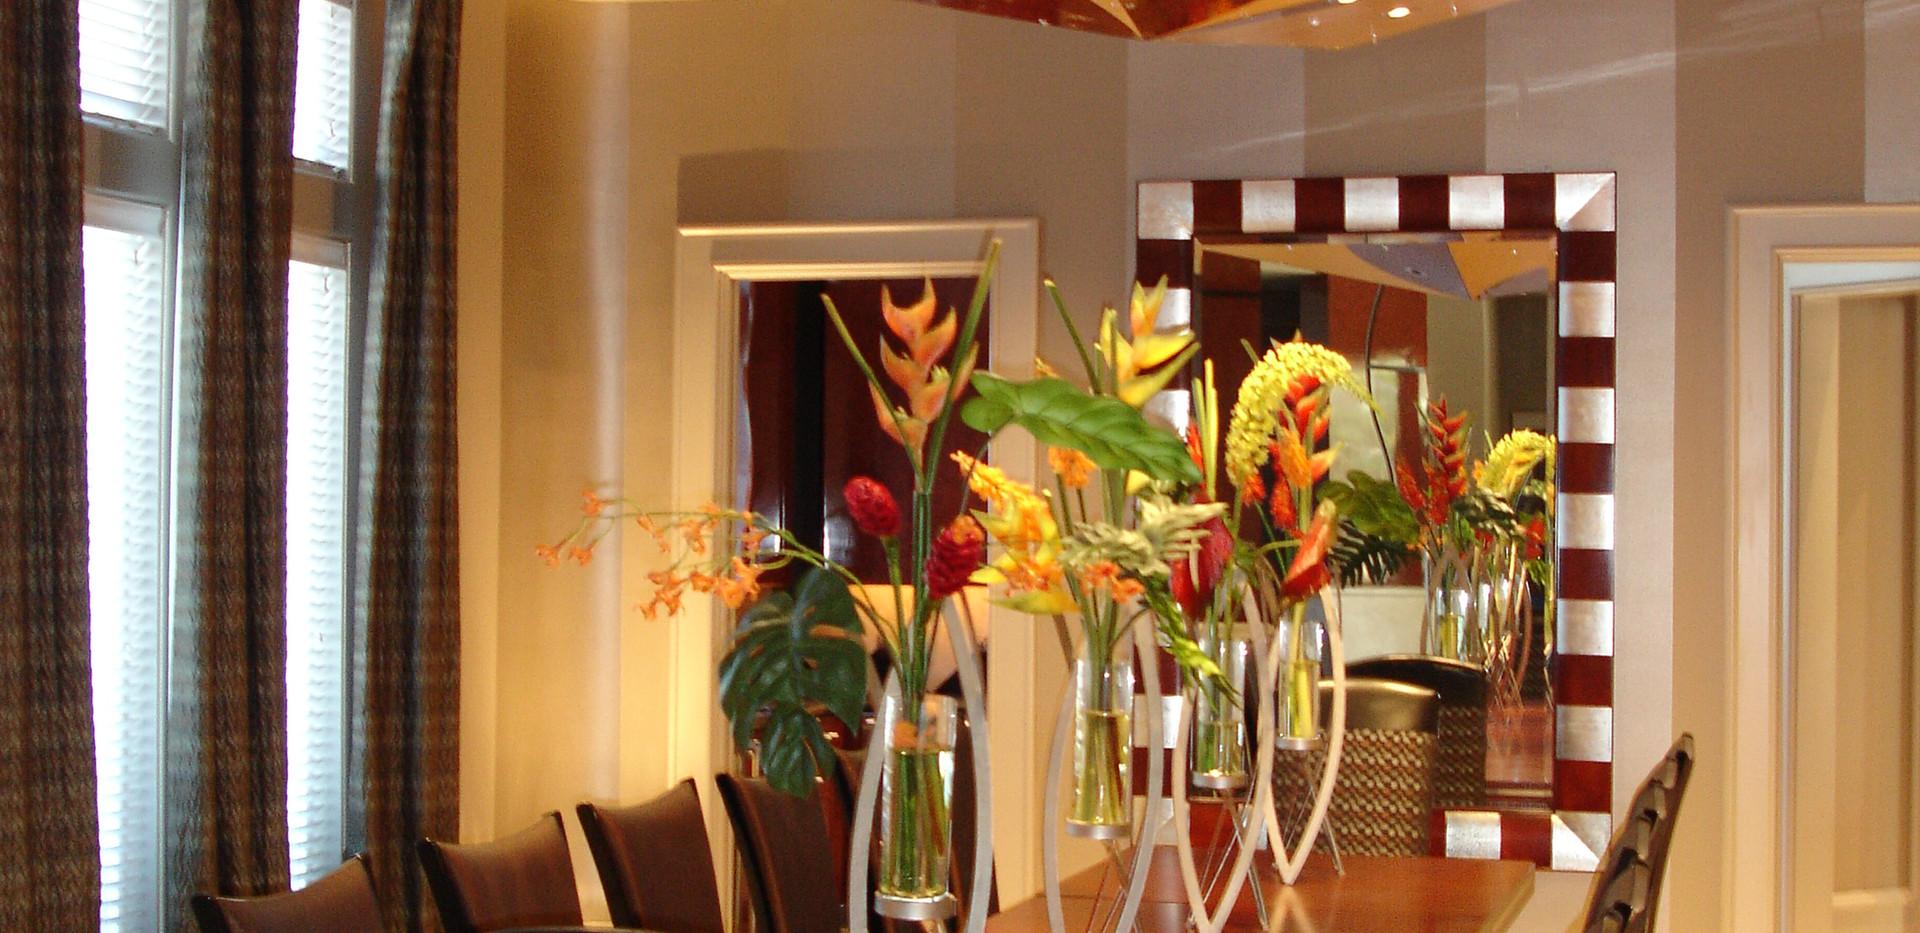 contermporary dining room.jpg